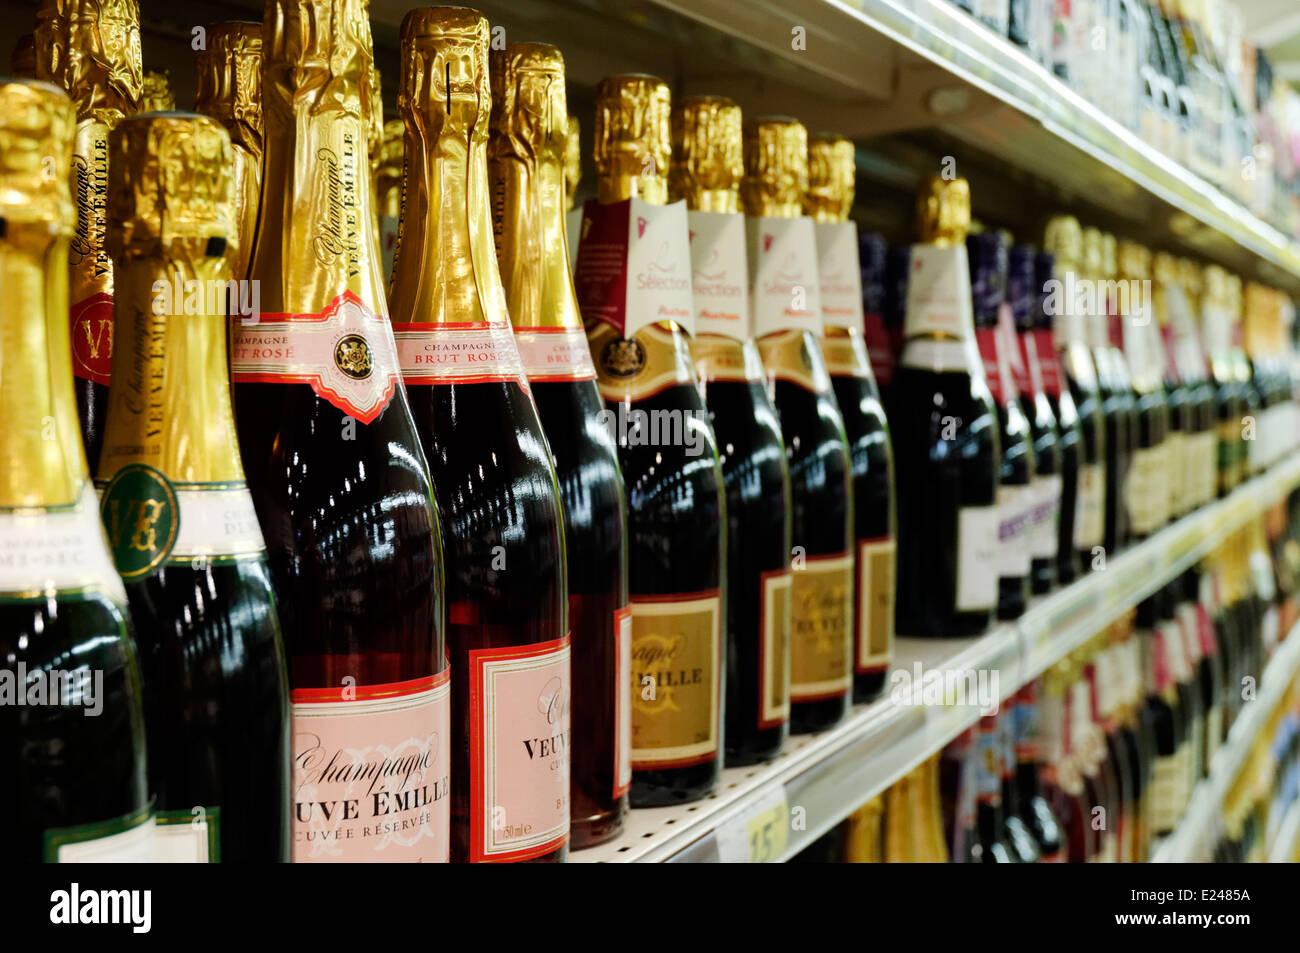 Bottiglie di Champagne sugli scaffali di un supermercato in Francia Immagini Stock